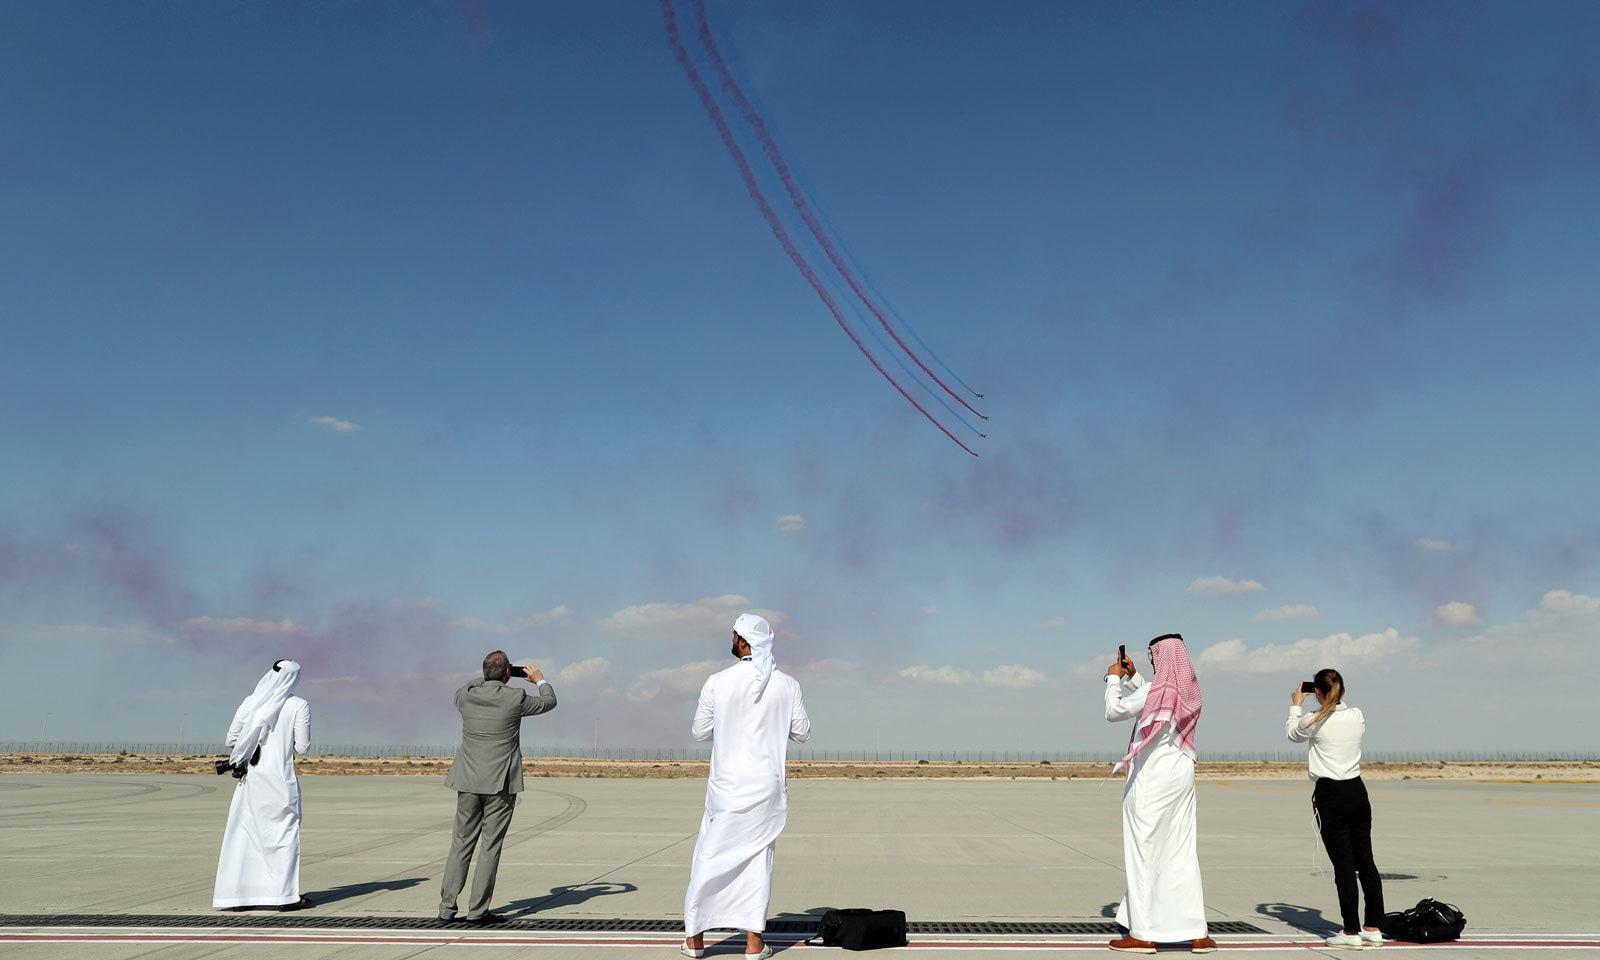 آیئر شو میں شرکت کرنے والے فضا میں موجود جہازوں کی تصاویر لے رہے ہیں — فوٹو: رائٹرز